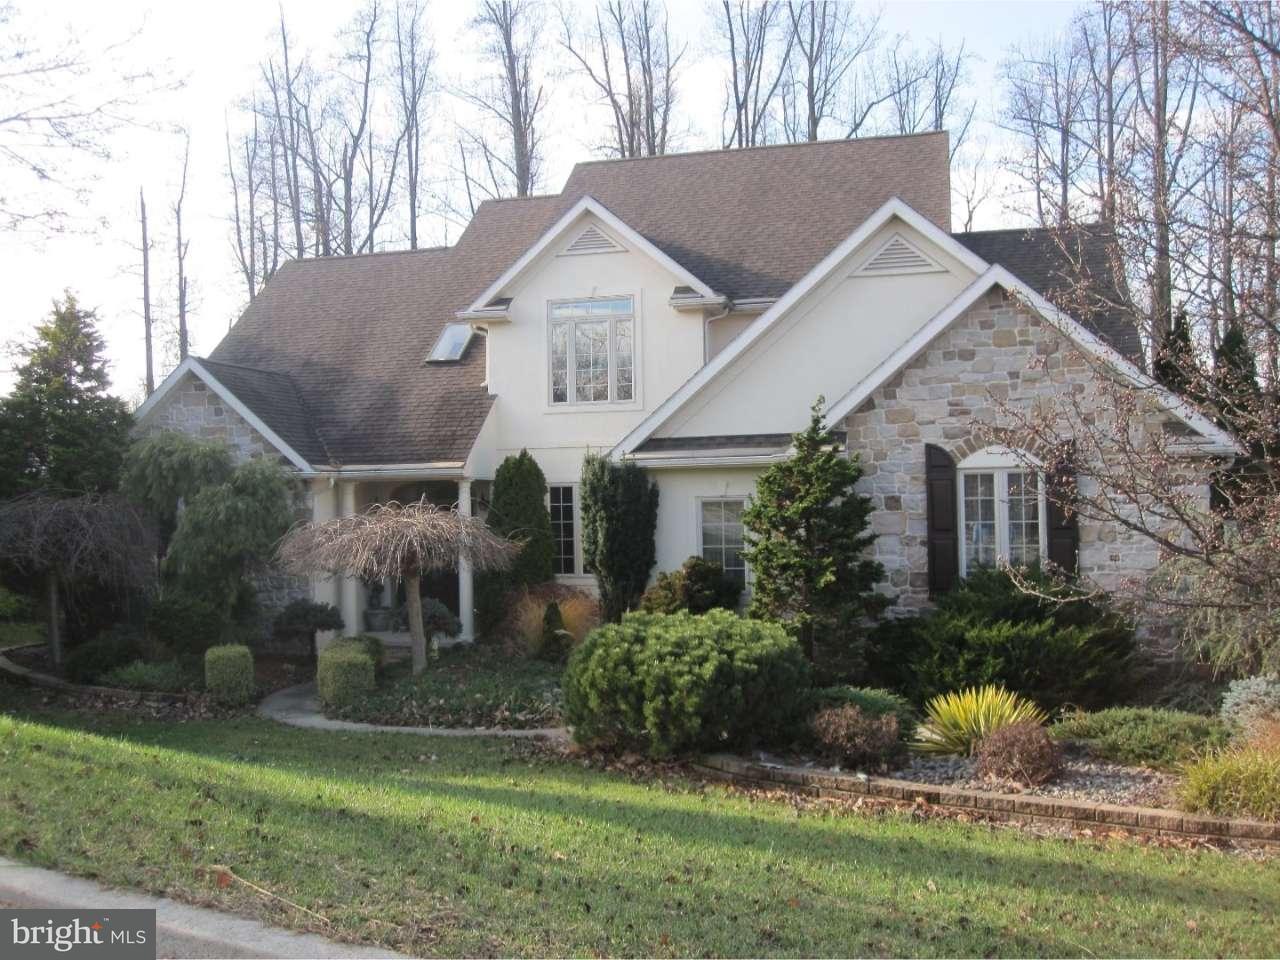 Maison unifamiliale pour l Vente à 800 SYCAMORE Road Mohnton, Pennsylvanie 19540 États-Unis